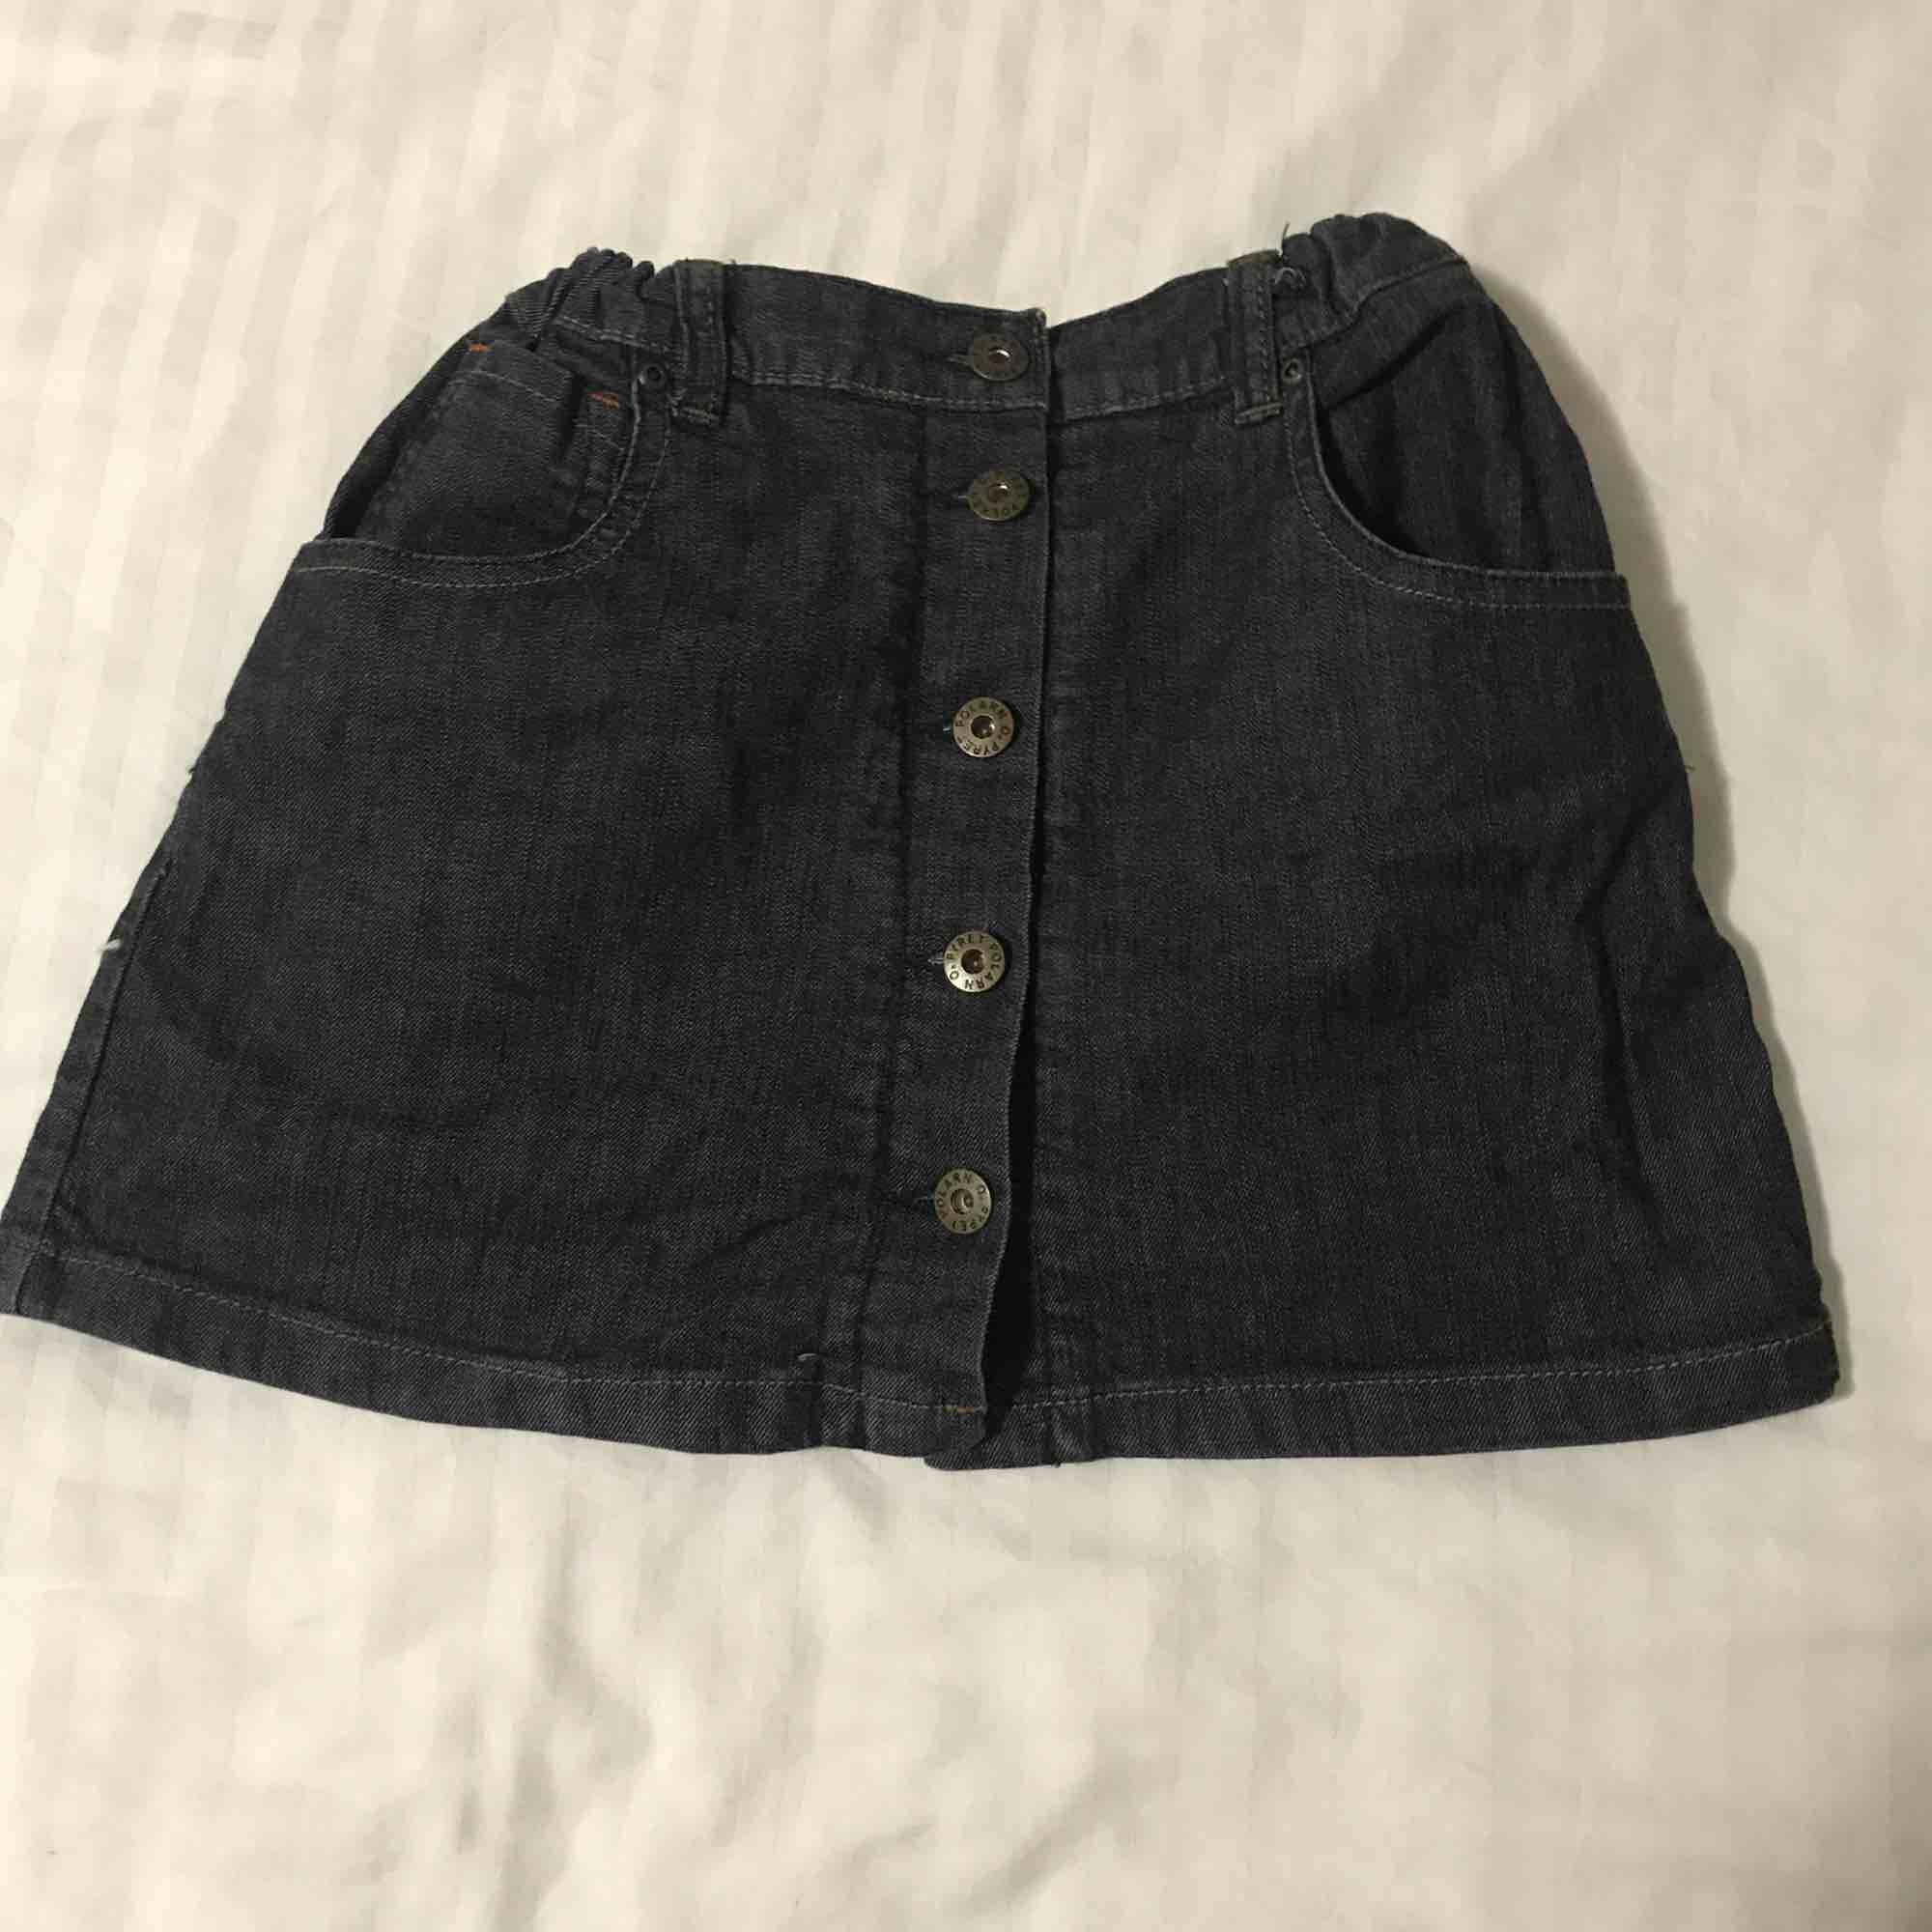 Liten kjol i jeans. Gullig och passar för dig runt 11-12 års åldern. Går att anpassa vid midjan och göra större. Kan passa till äldre åldrar också.. Kjolar.